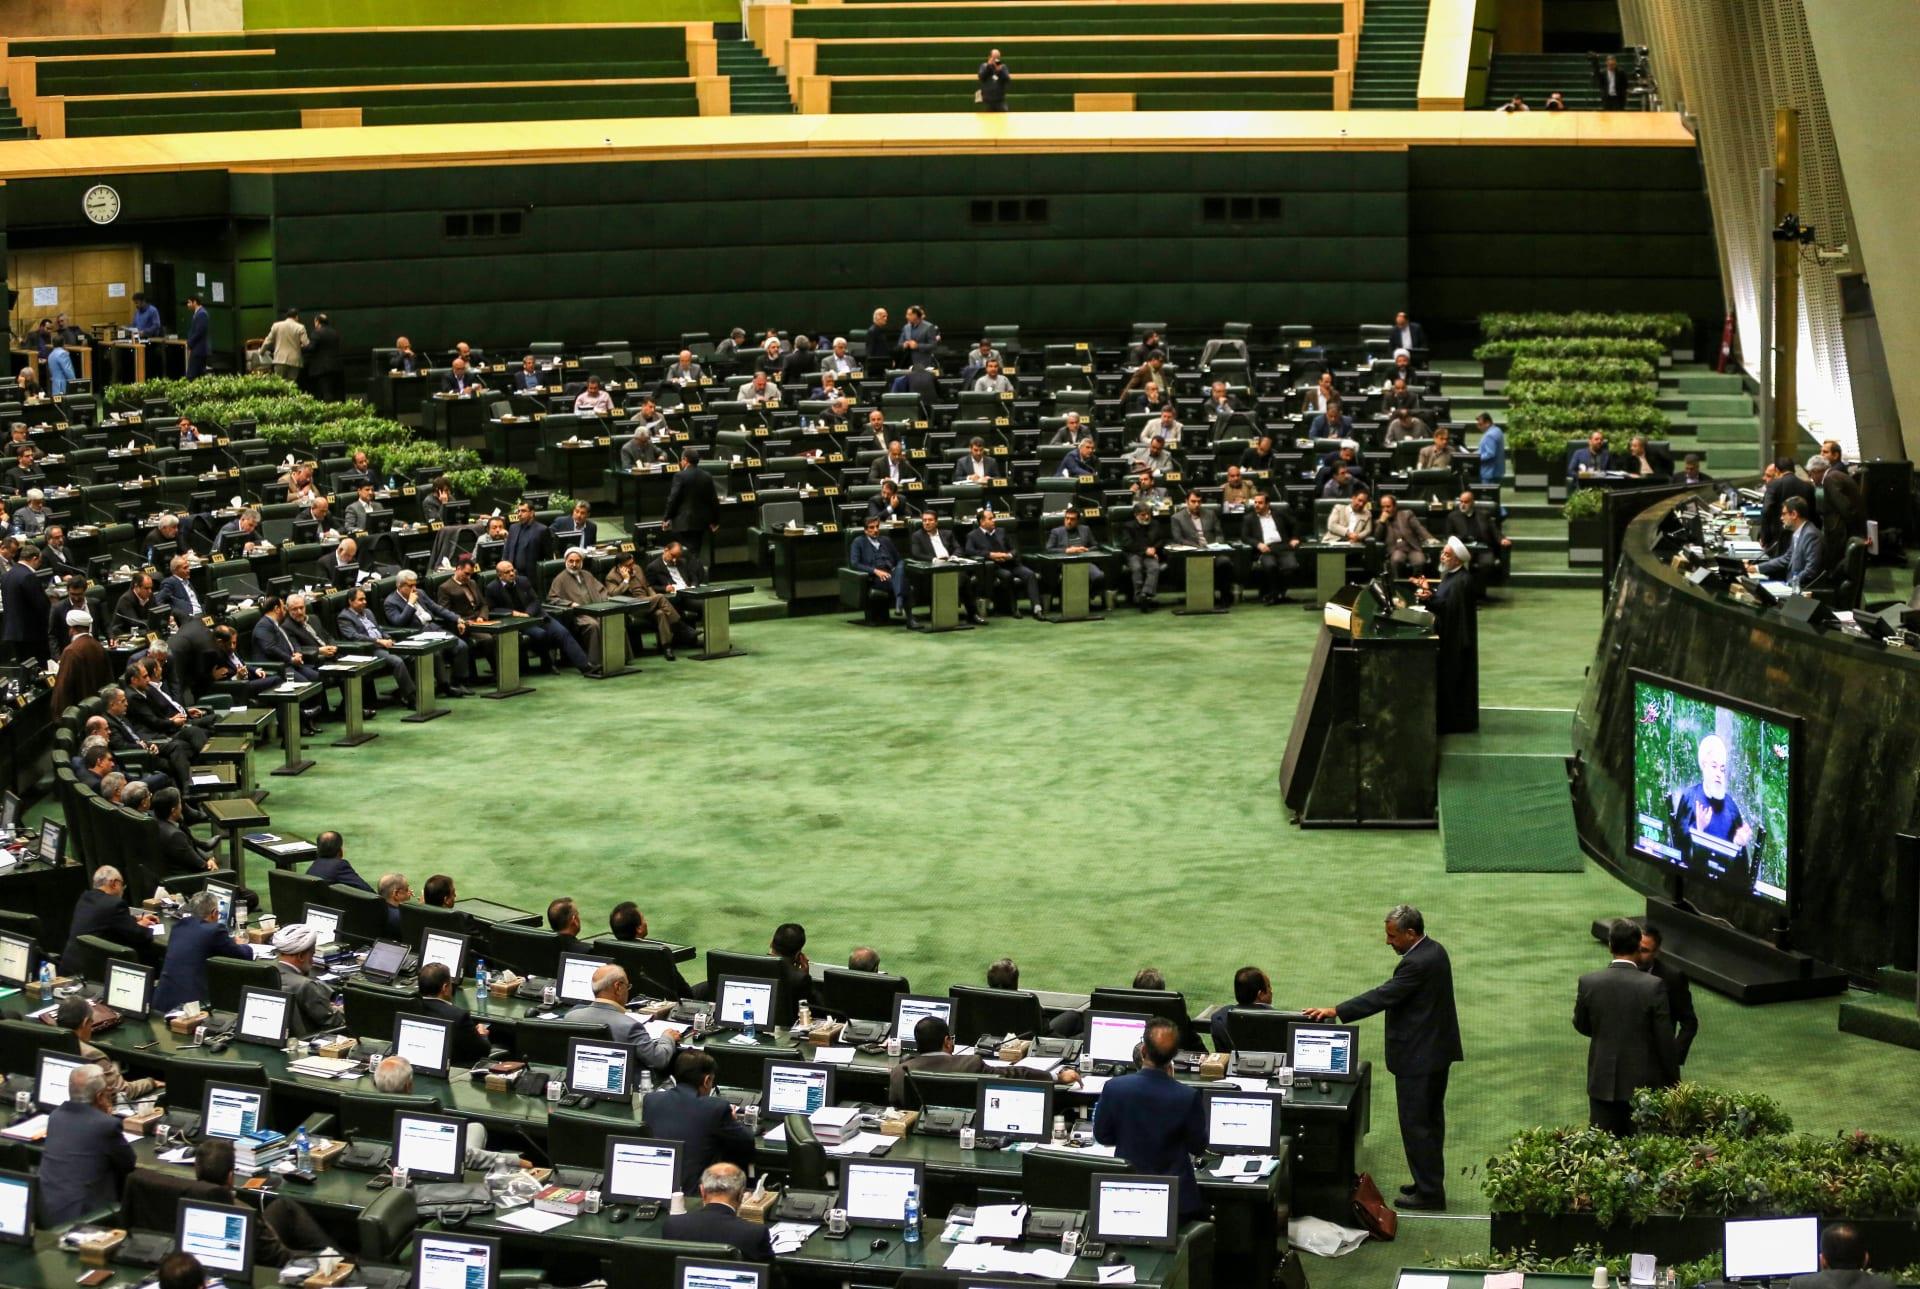 البرلمان الإيراني يرفض طلبا حكوميا بشأن أسعار البنزين واستهلاكه